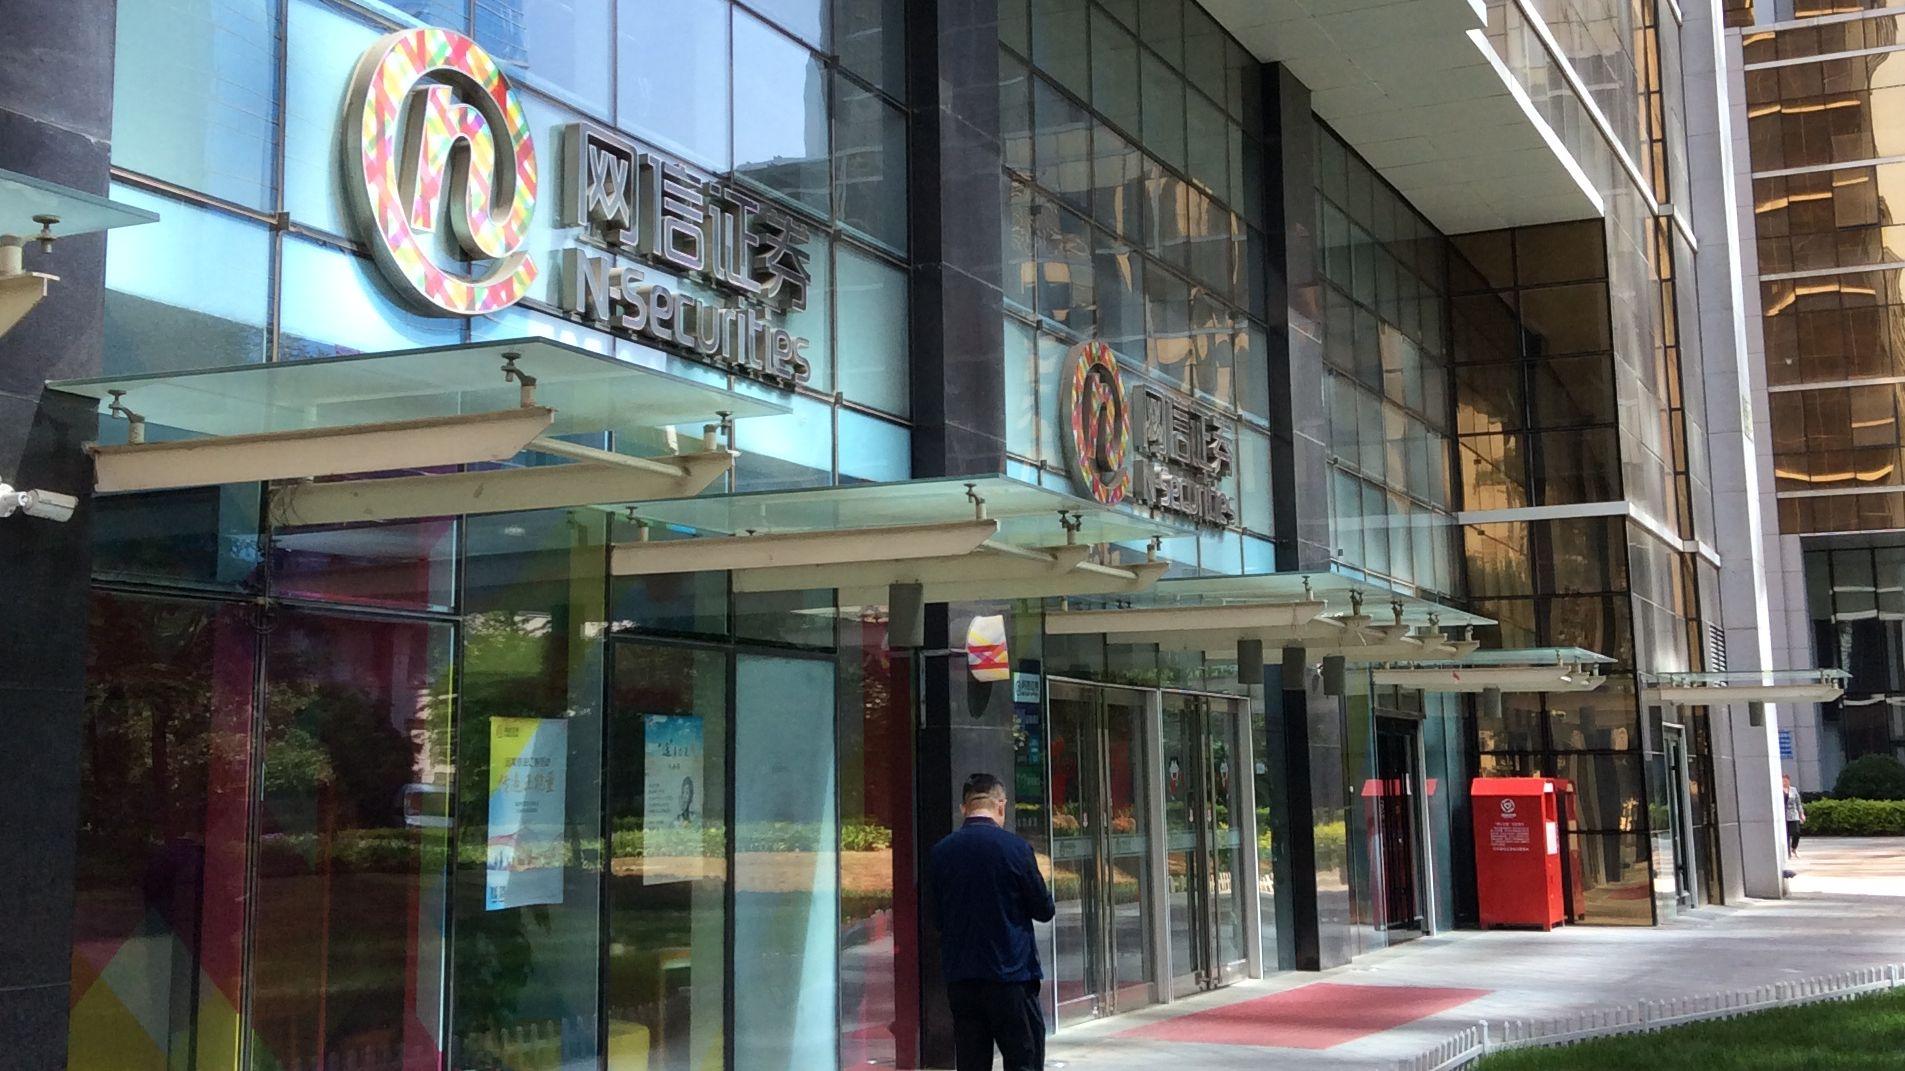 网信证券董事长刘平否认被托管:未得到任何监管通知